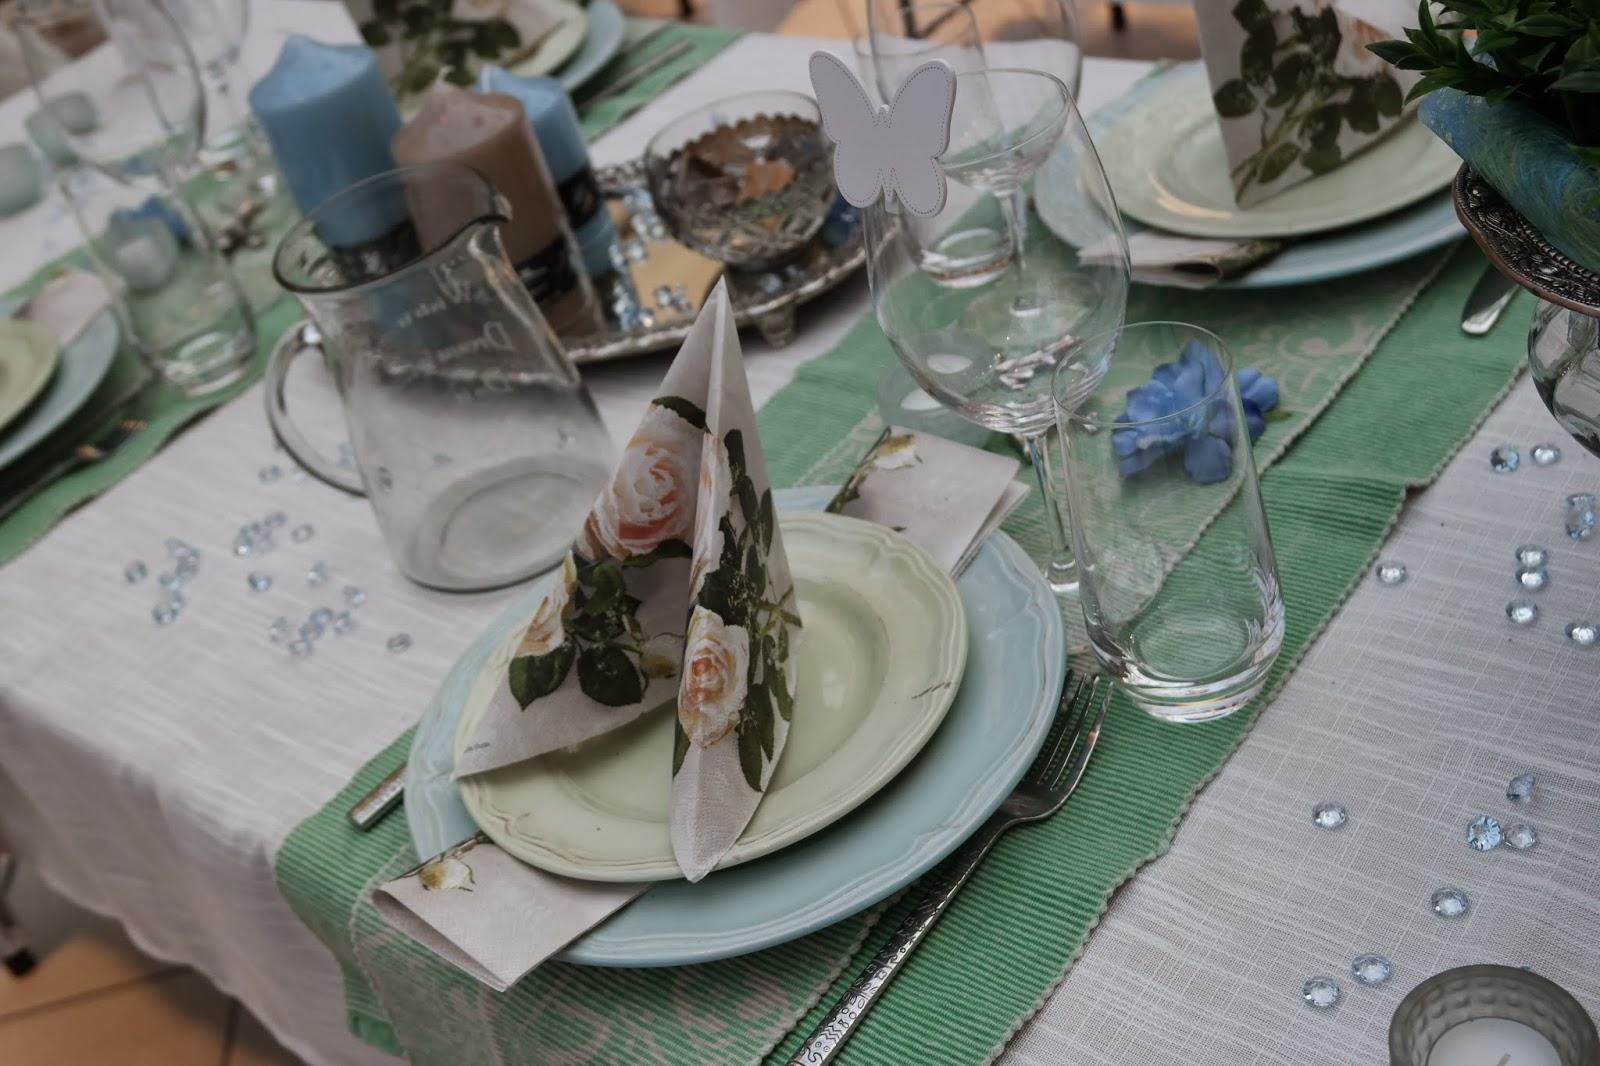 Karilotte: Borddekking i blått og grønt